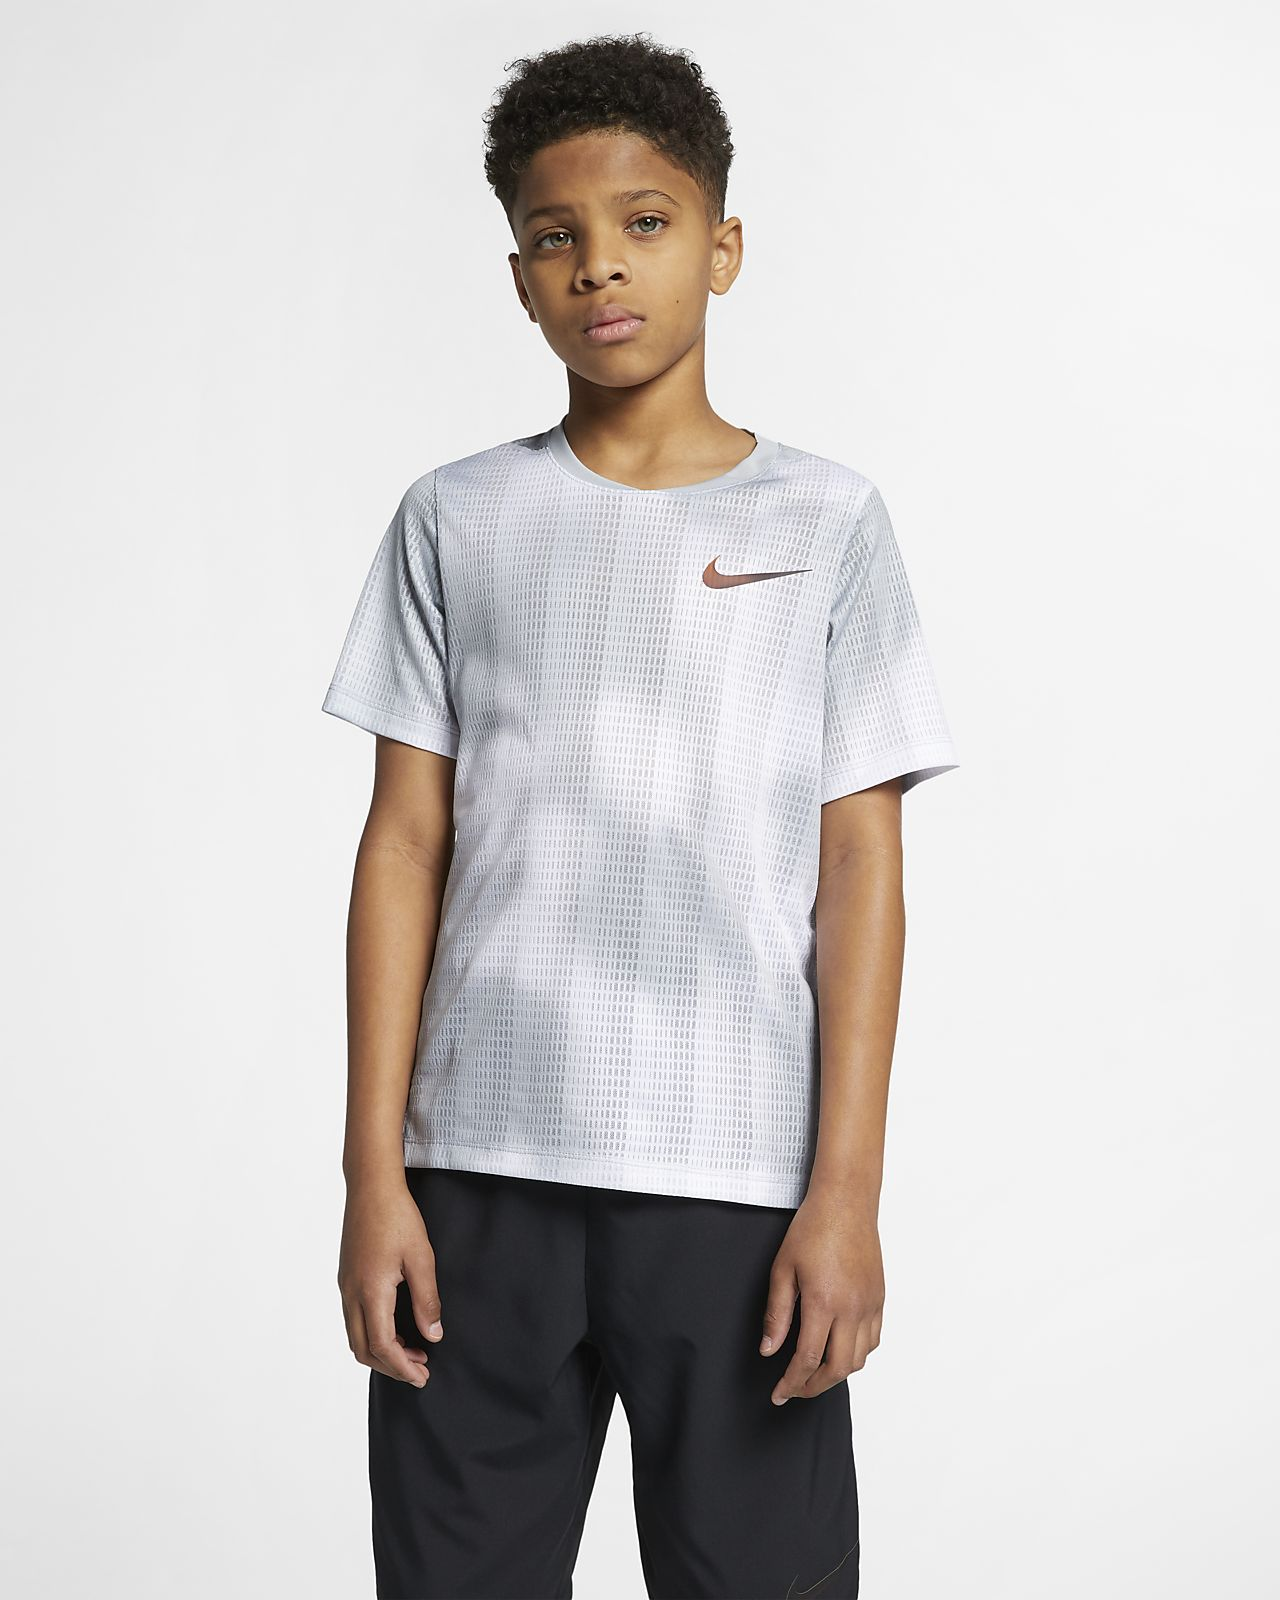 เสื้อเทรนนิ่งแขนสั้นเด็กโต Nike Instacool